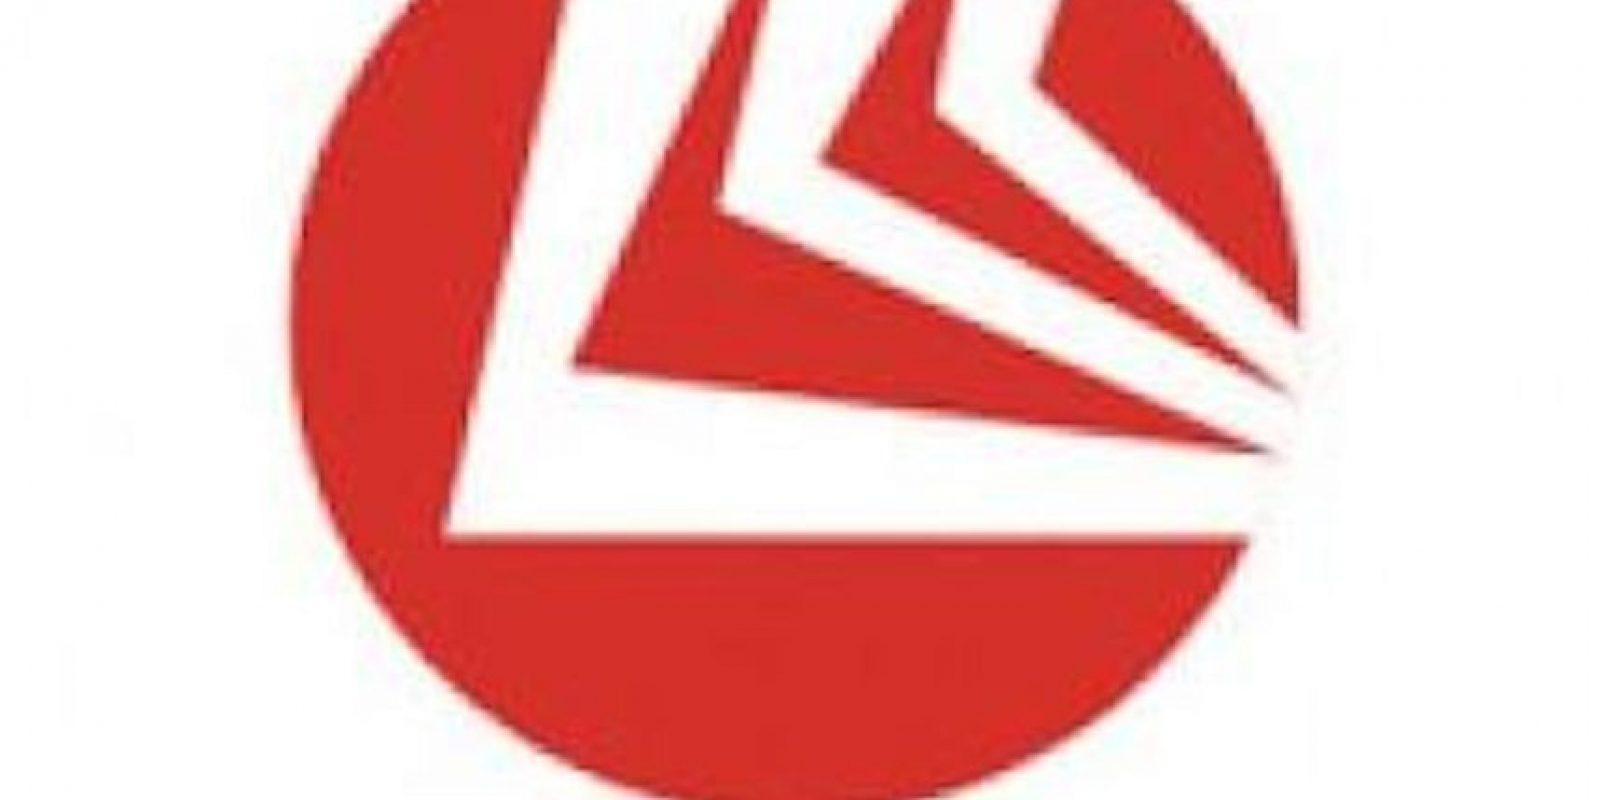 Al contrario de BitDefender, que es mucho más utilizado en Norteamérica. Foto:bitdefender.com